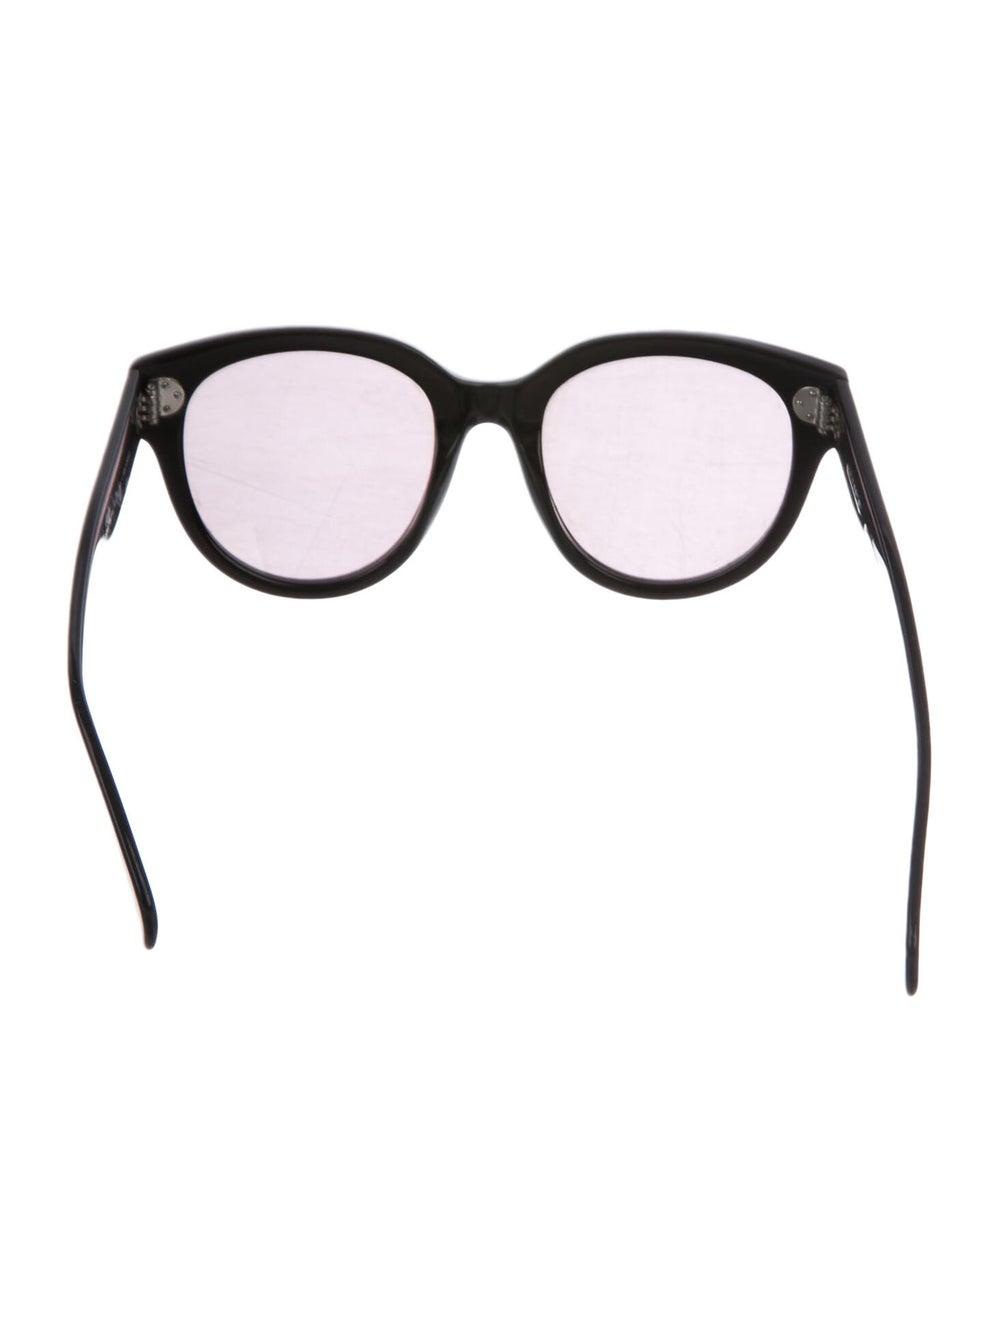 Celine Oversize Polarized Sunglasses Black - image 3